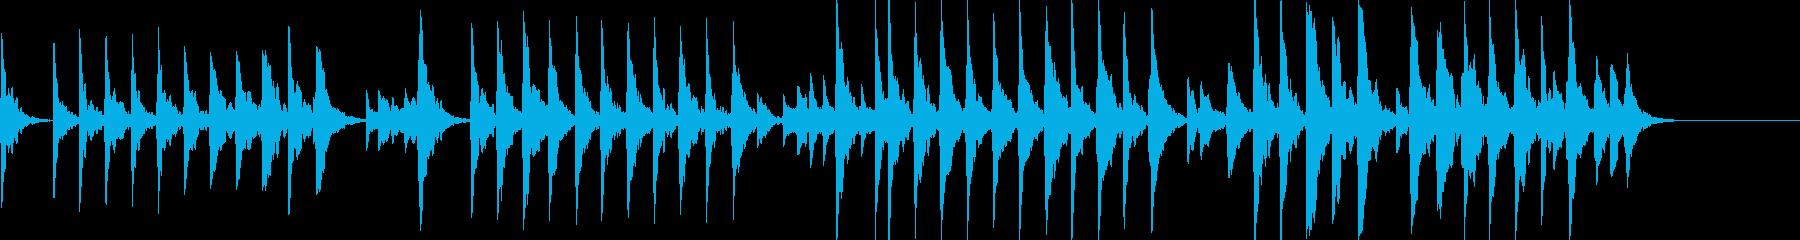 童謡「夕焼け小焼け」オルゴールbpm66の再生済みの波形